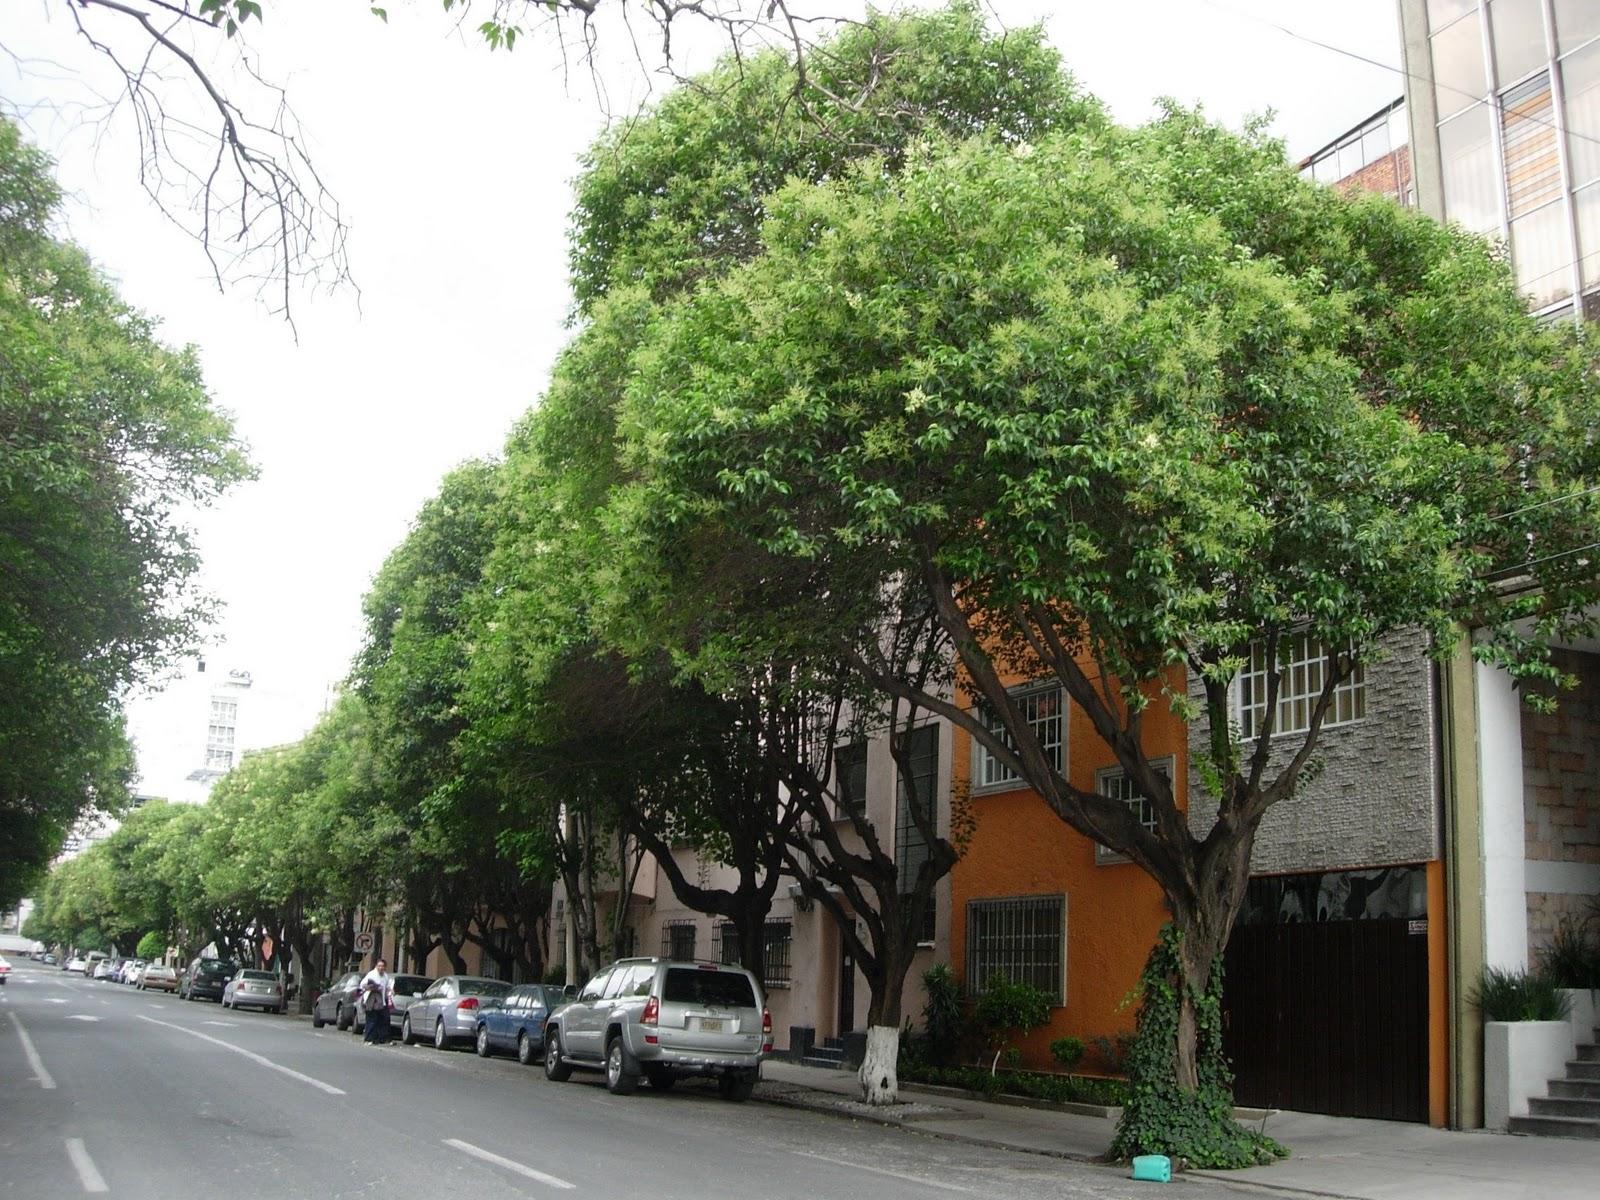 Siglo en la brisa rboles comunes de la ciudad de m xico for Arbol comun